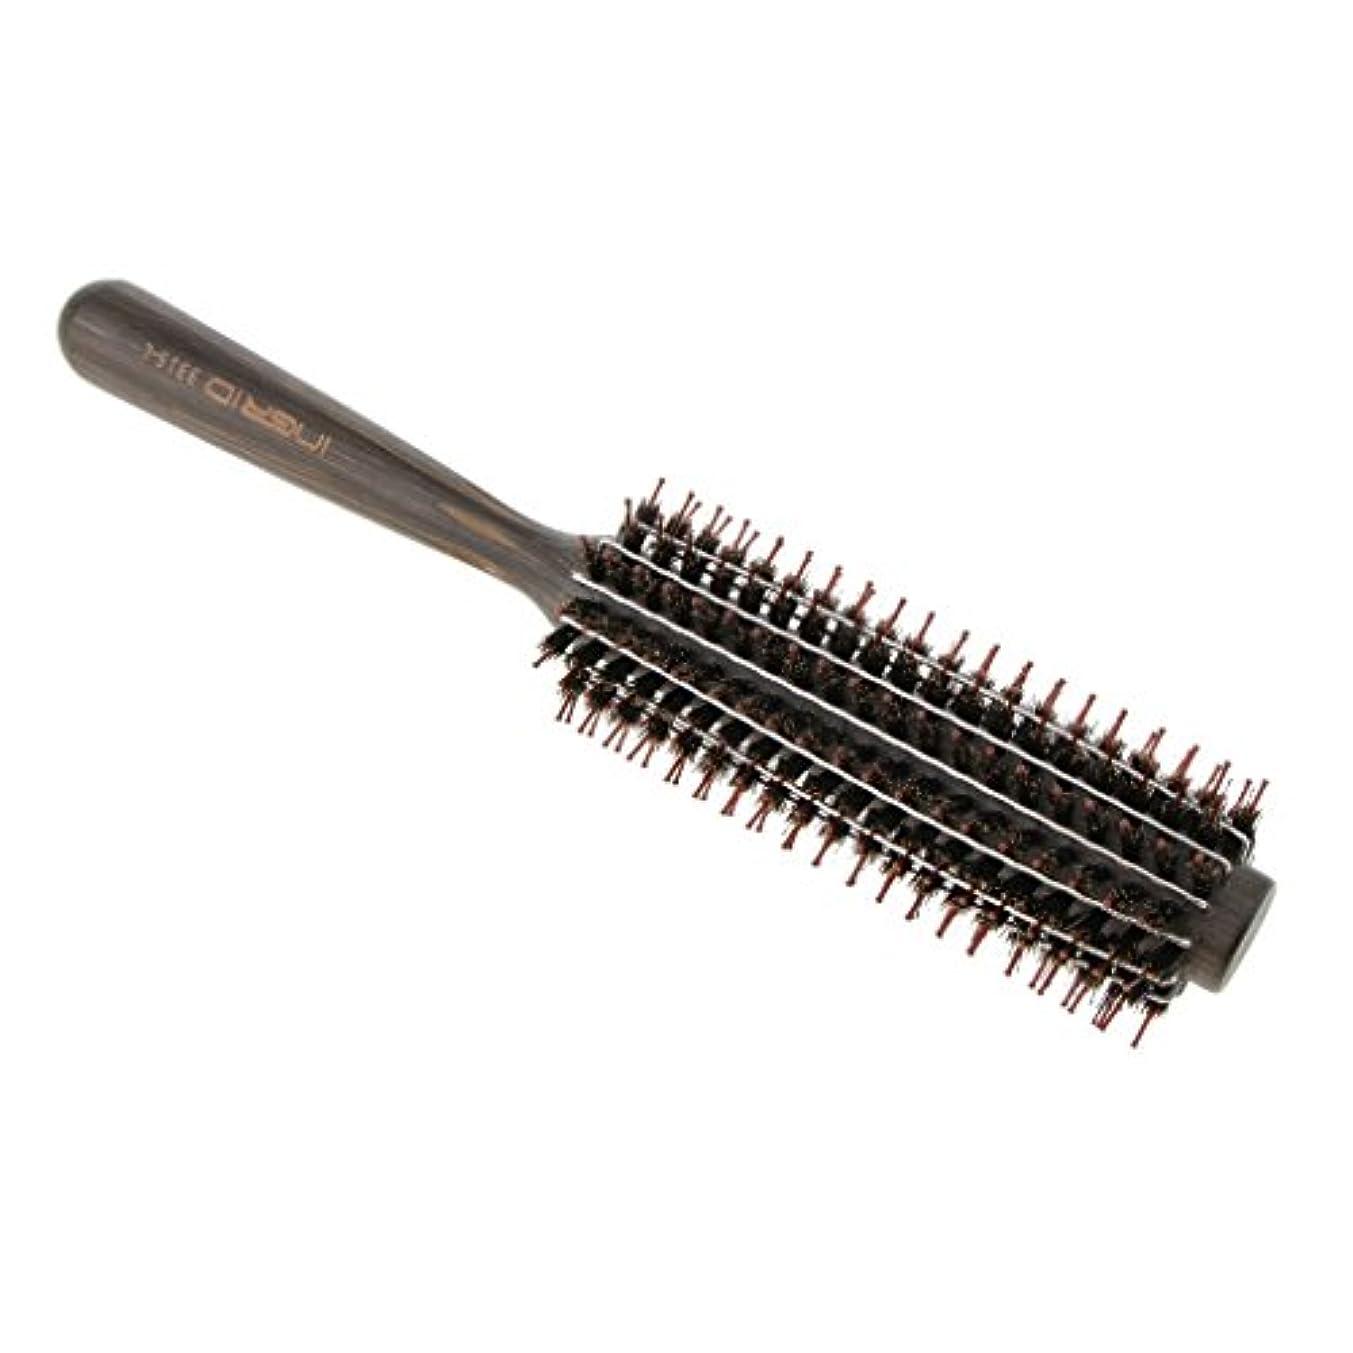 丈夫スペース距離ロールブラシ ヘアブラシ カール 巻き髪 ヘアコーム 3サイズ選べる - L